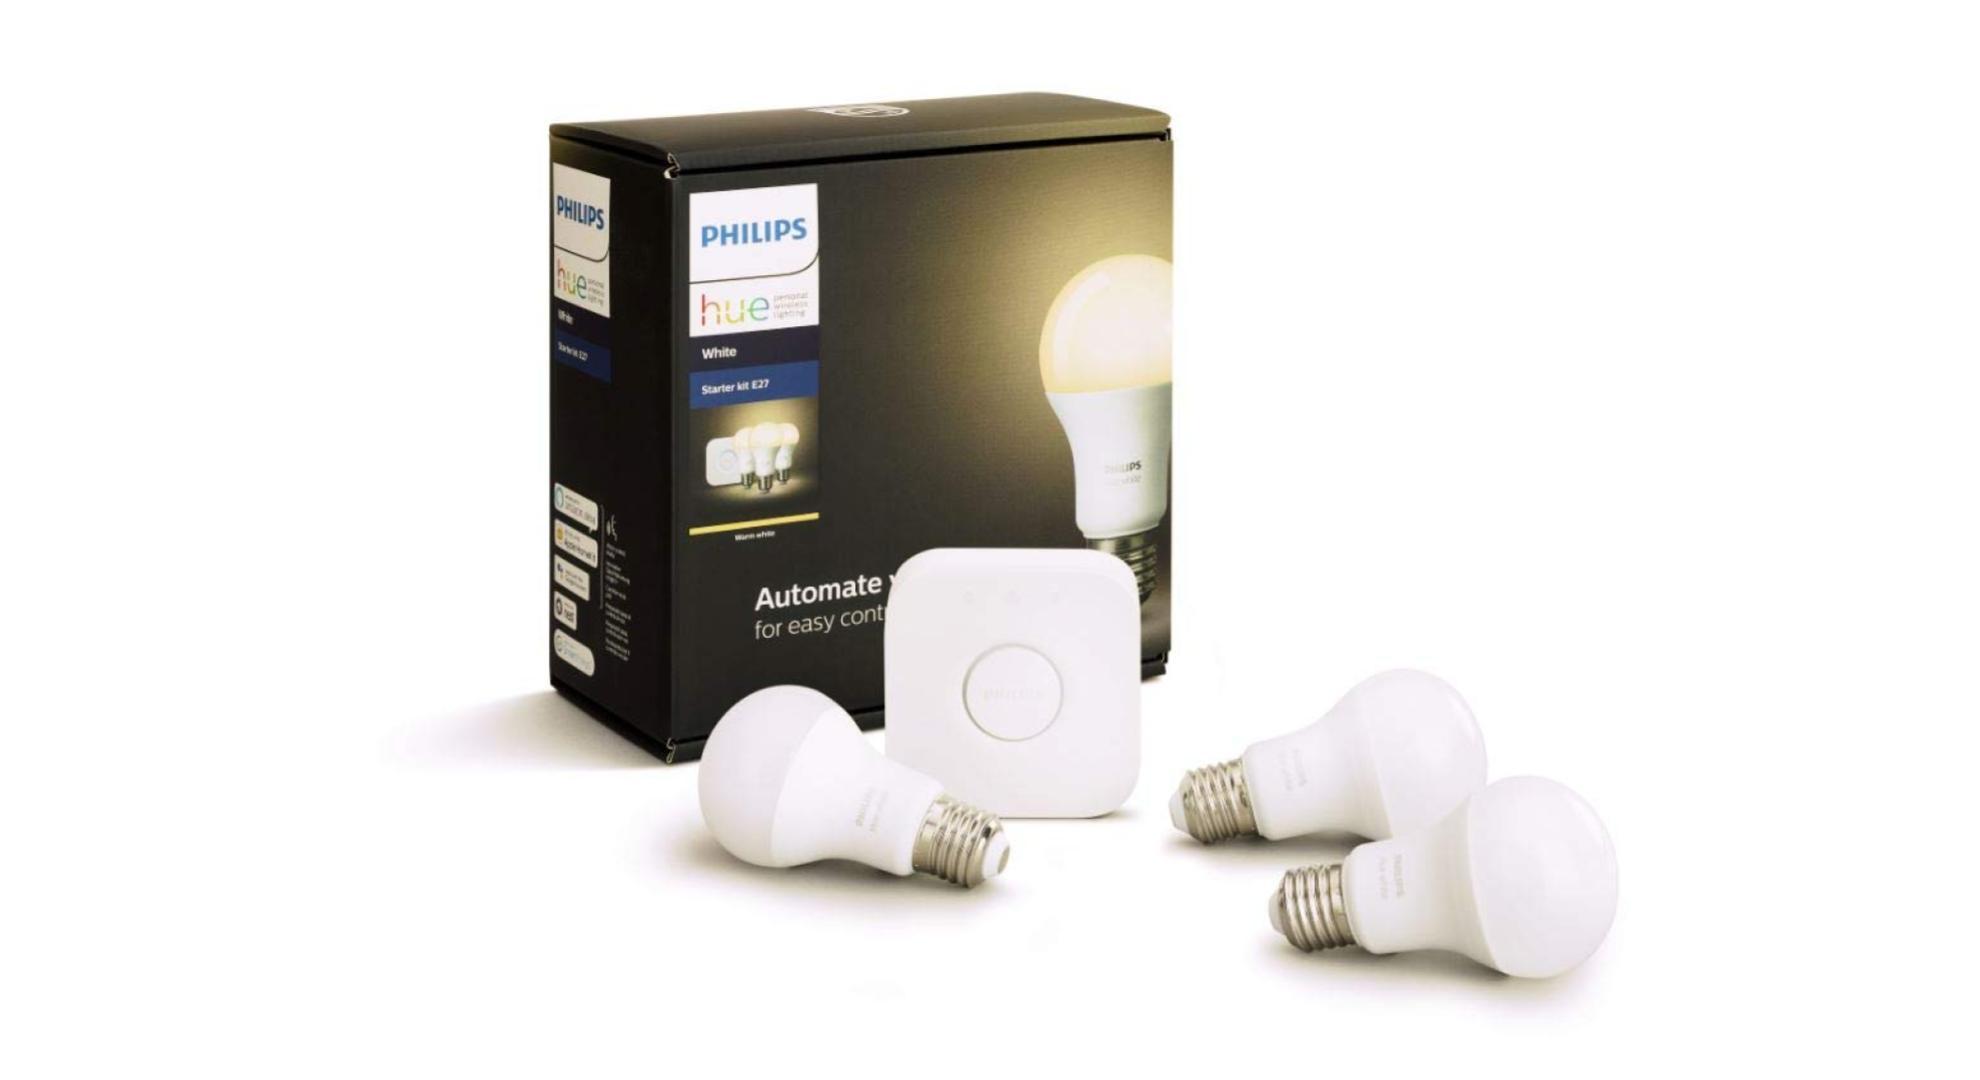 🔥 Bon plan : le kit de démarrage Philips Hue 3 ampoules blanches à 59 euros